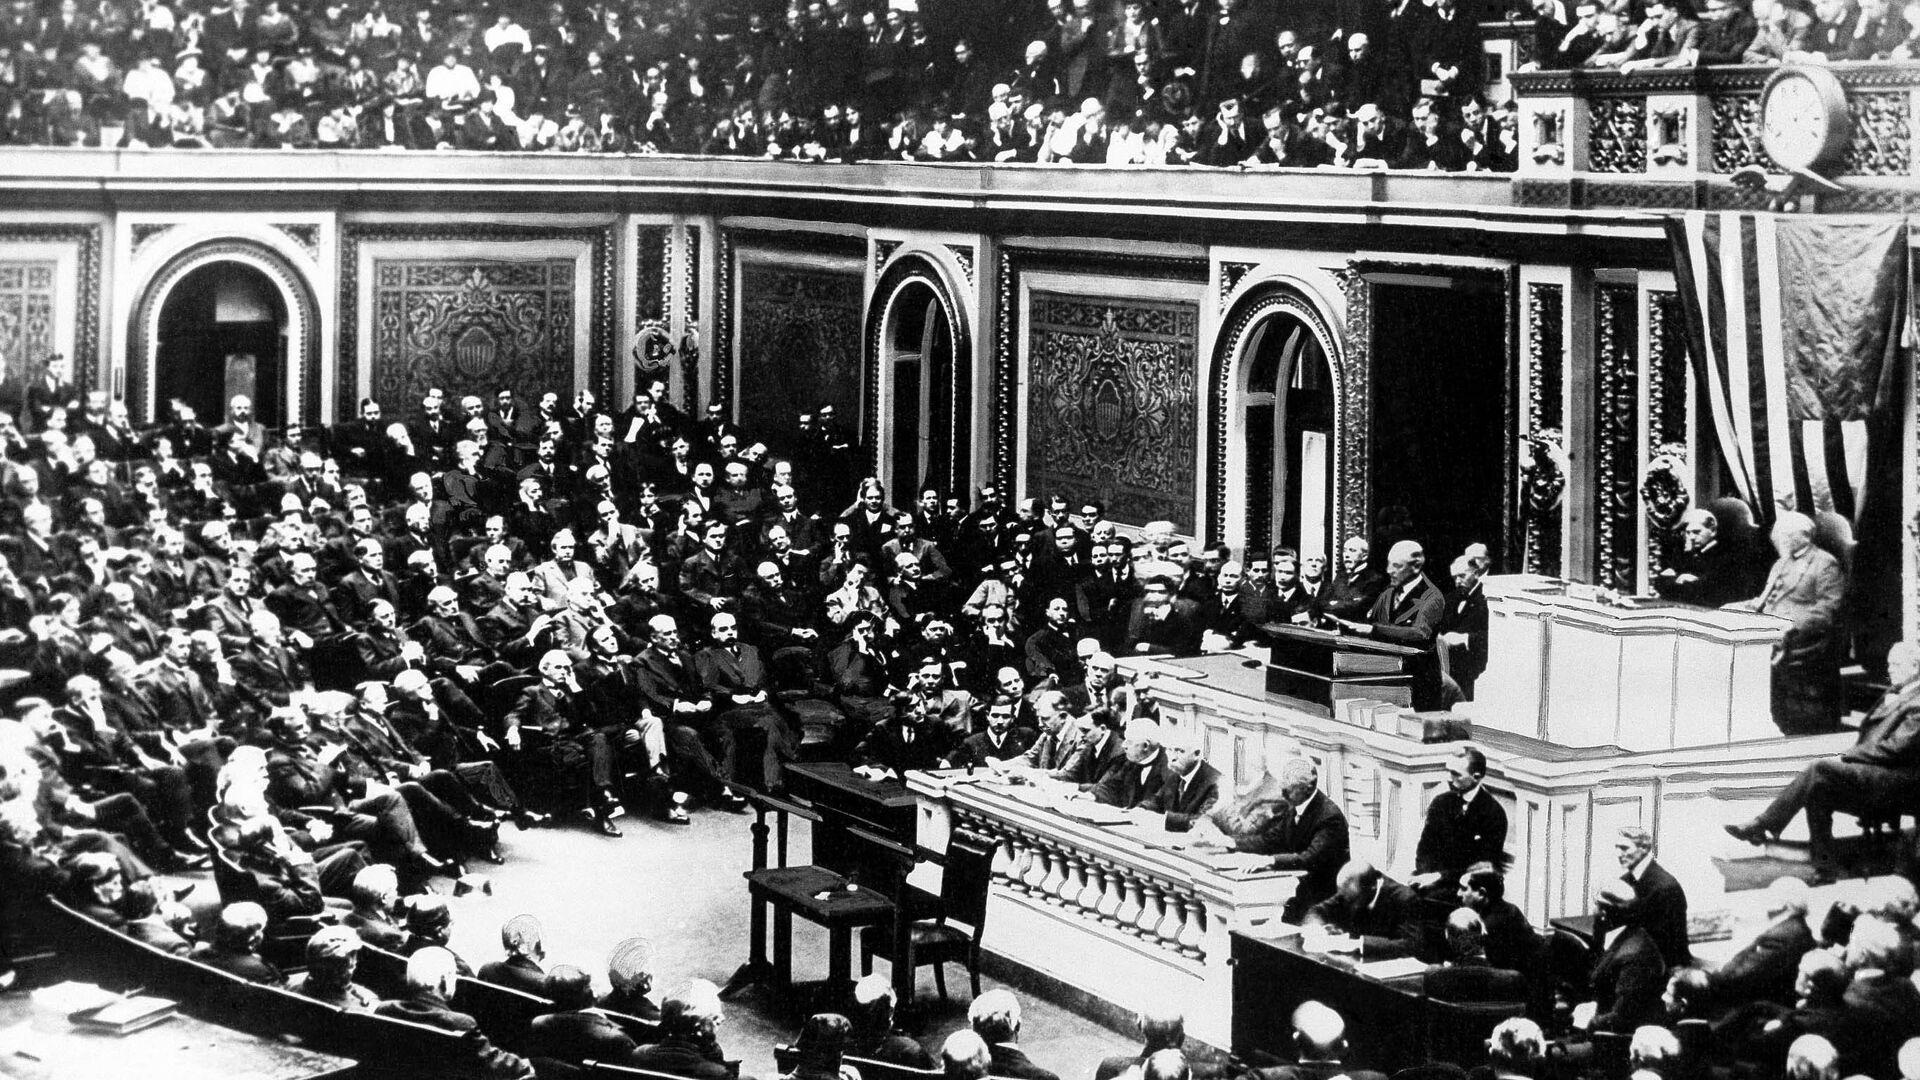 Президент США Вудро Вильсон на совместном заседании Конгресса в Вашингтоне объявляет войну Германии. 2 апреля 1917 - РИА Новости, 1920, 28.12.2020